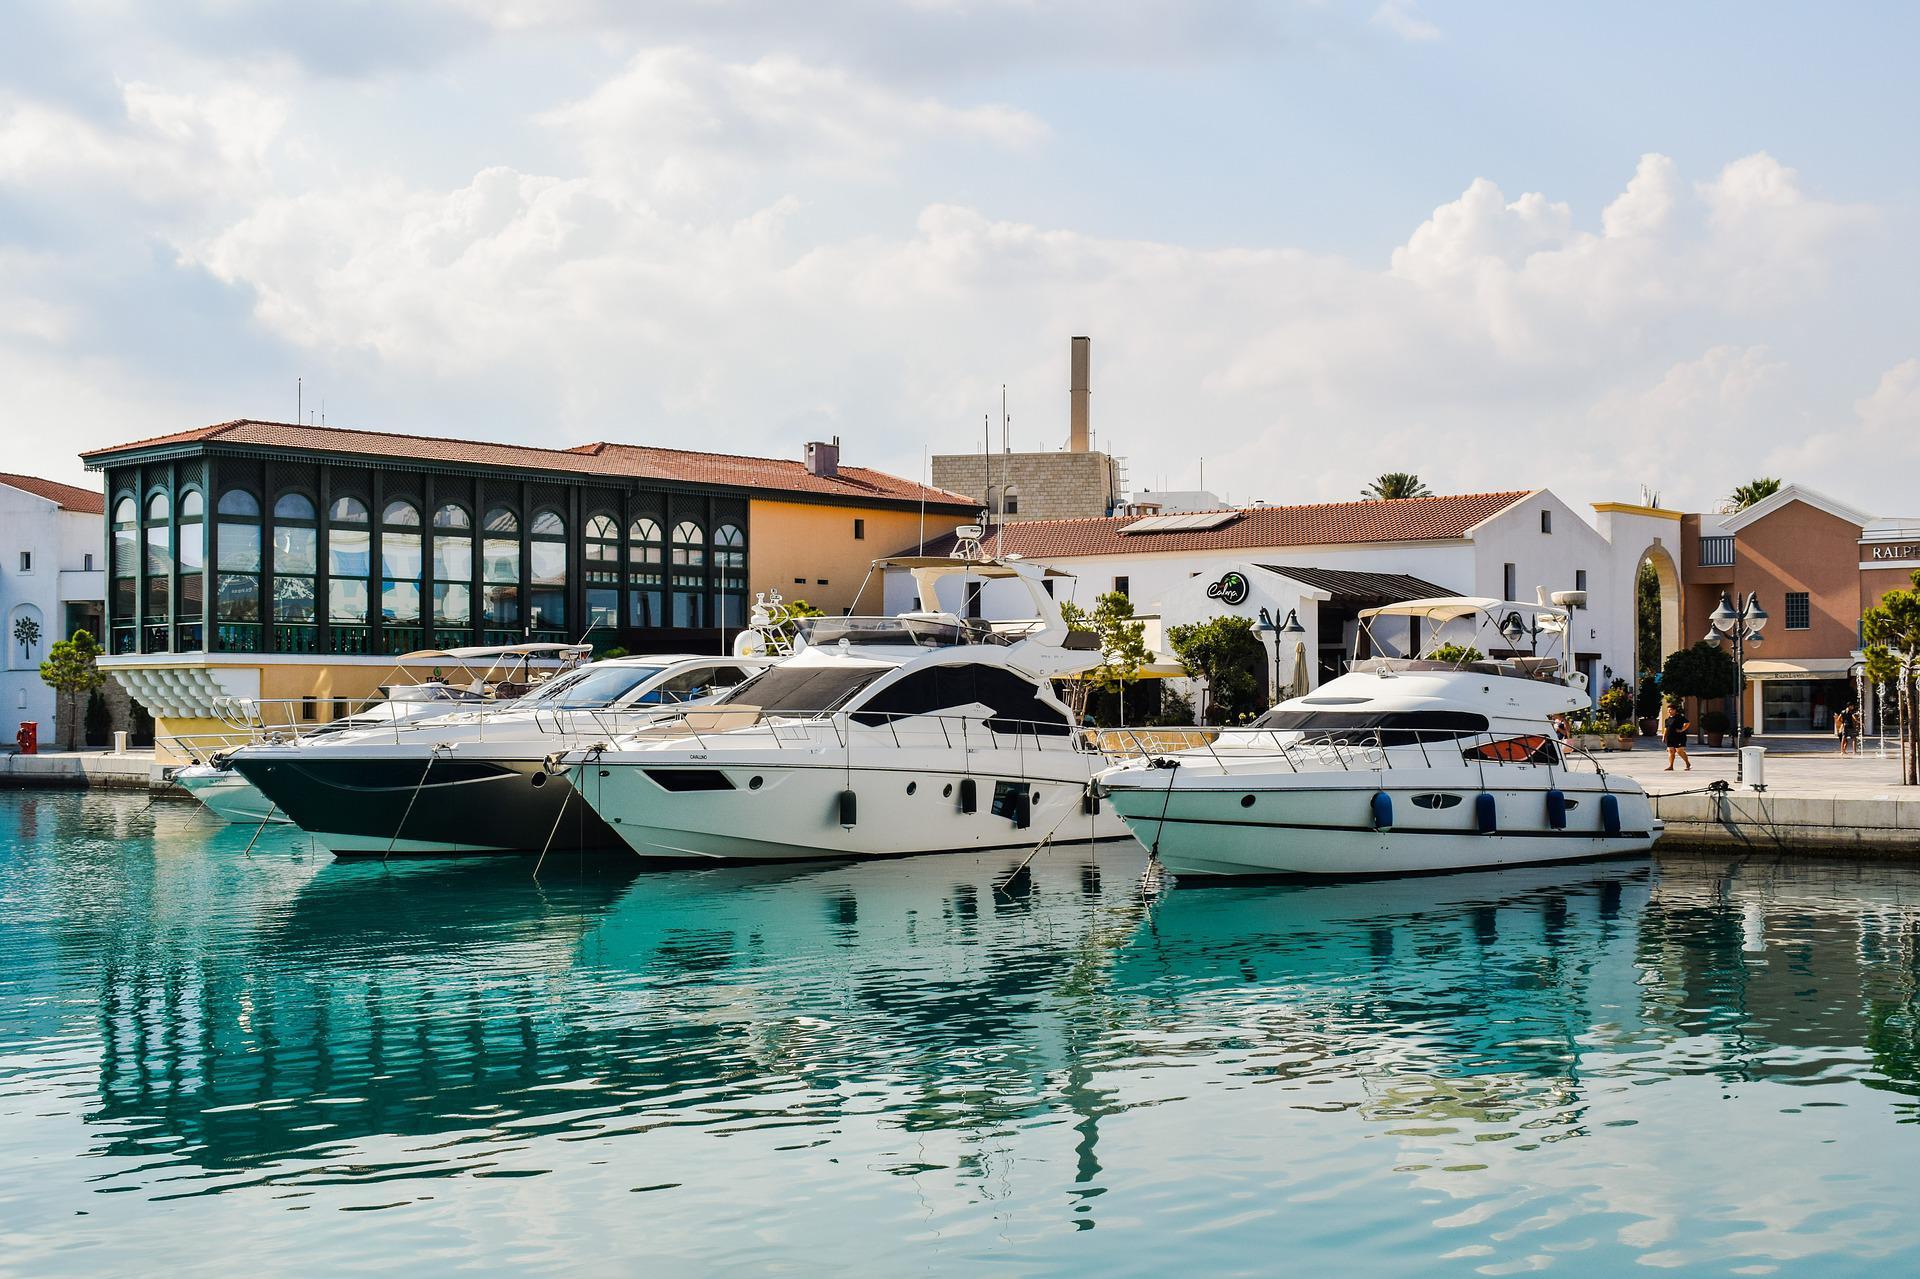 Кипр изменит налоговое законодательство для привлечения состоятельных иностранцев